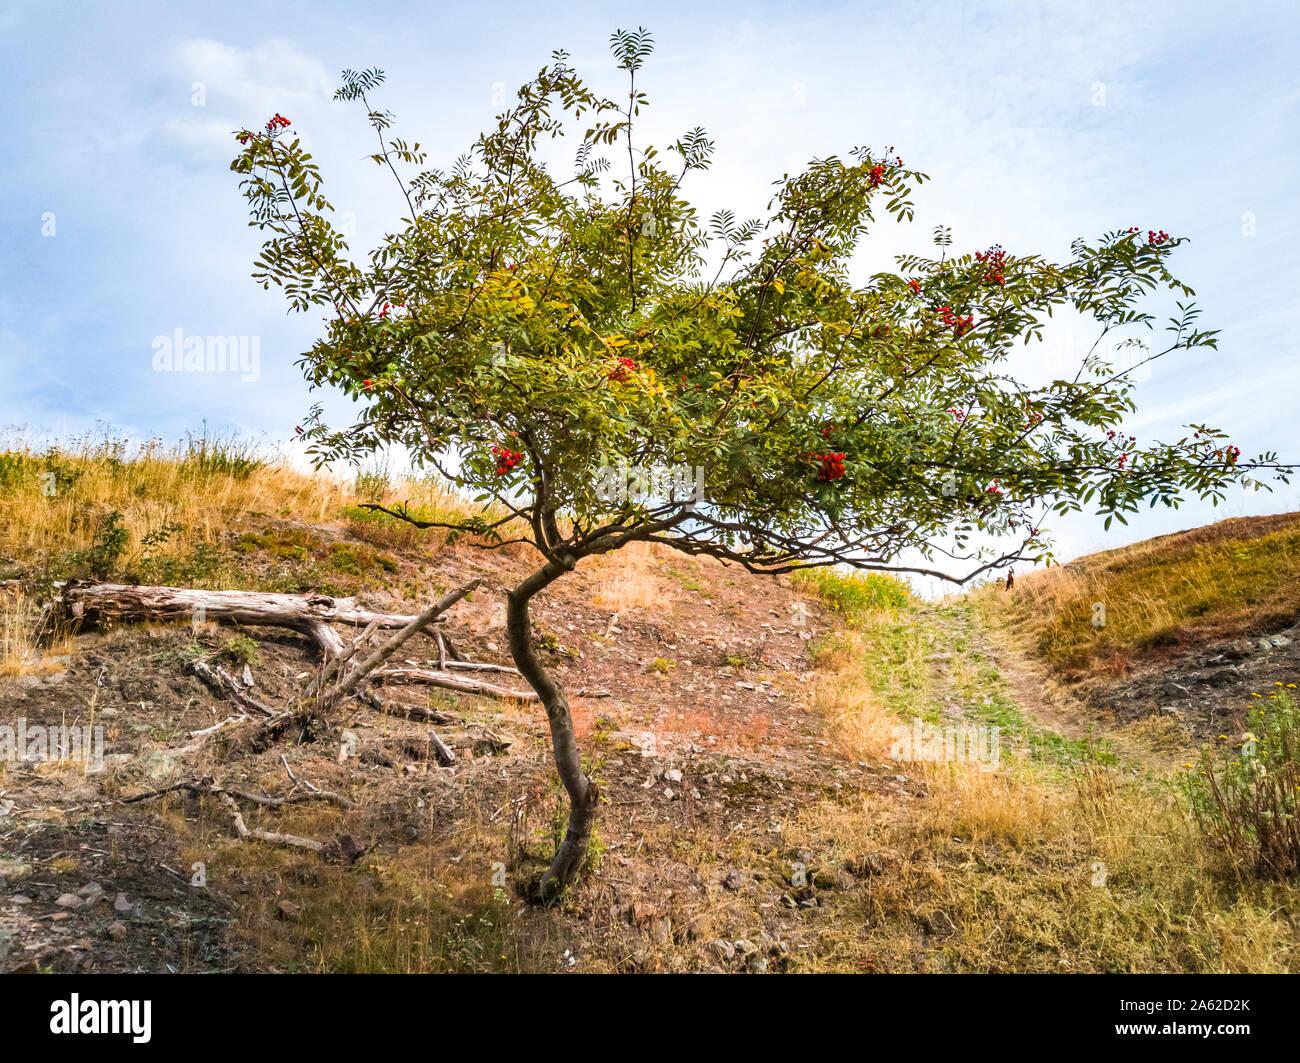 Eberesche Baum, Sorbus aucuparia, auf einem Hang in der Wildnis. Stockfoto